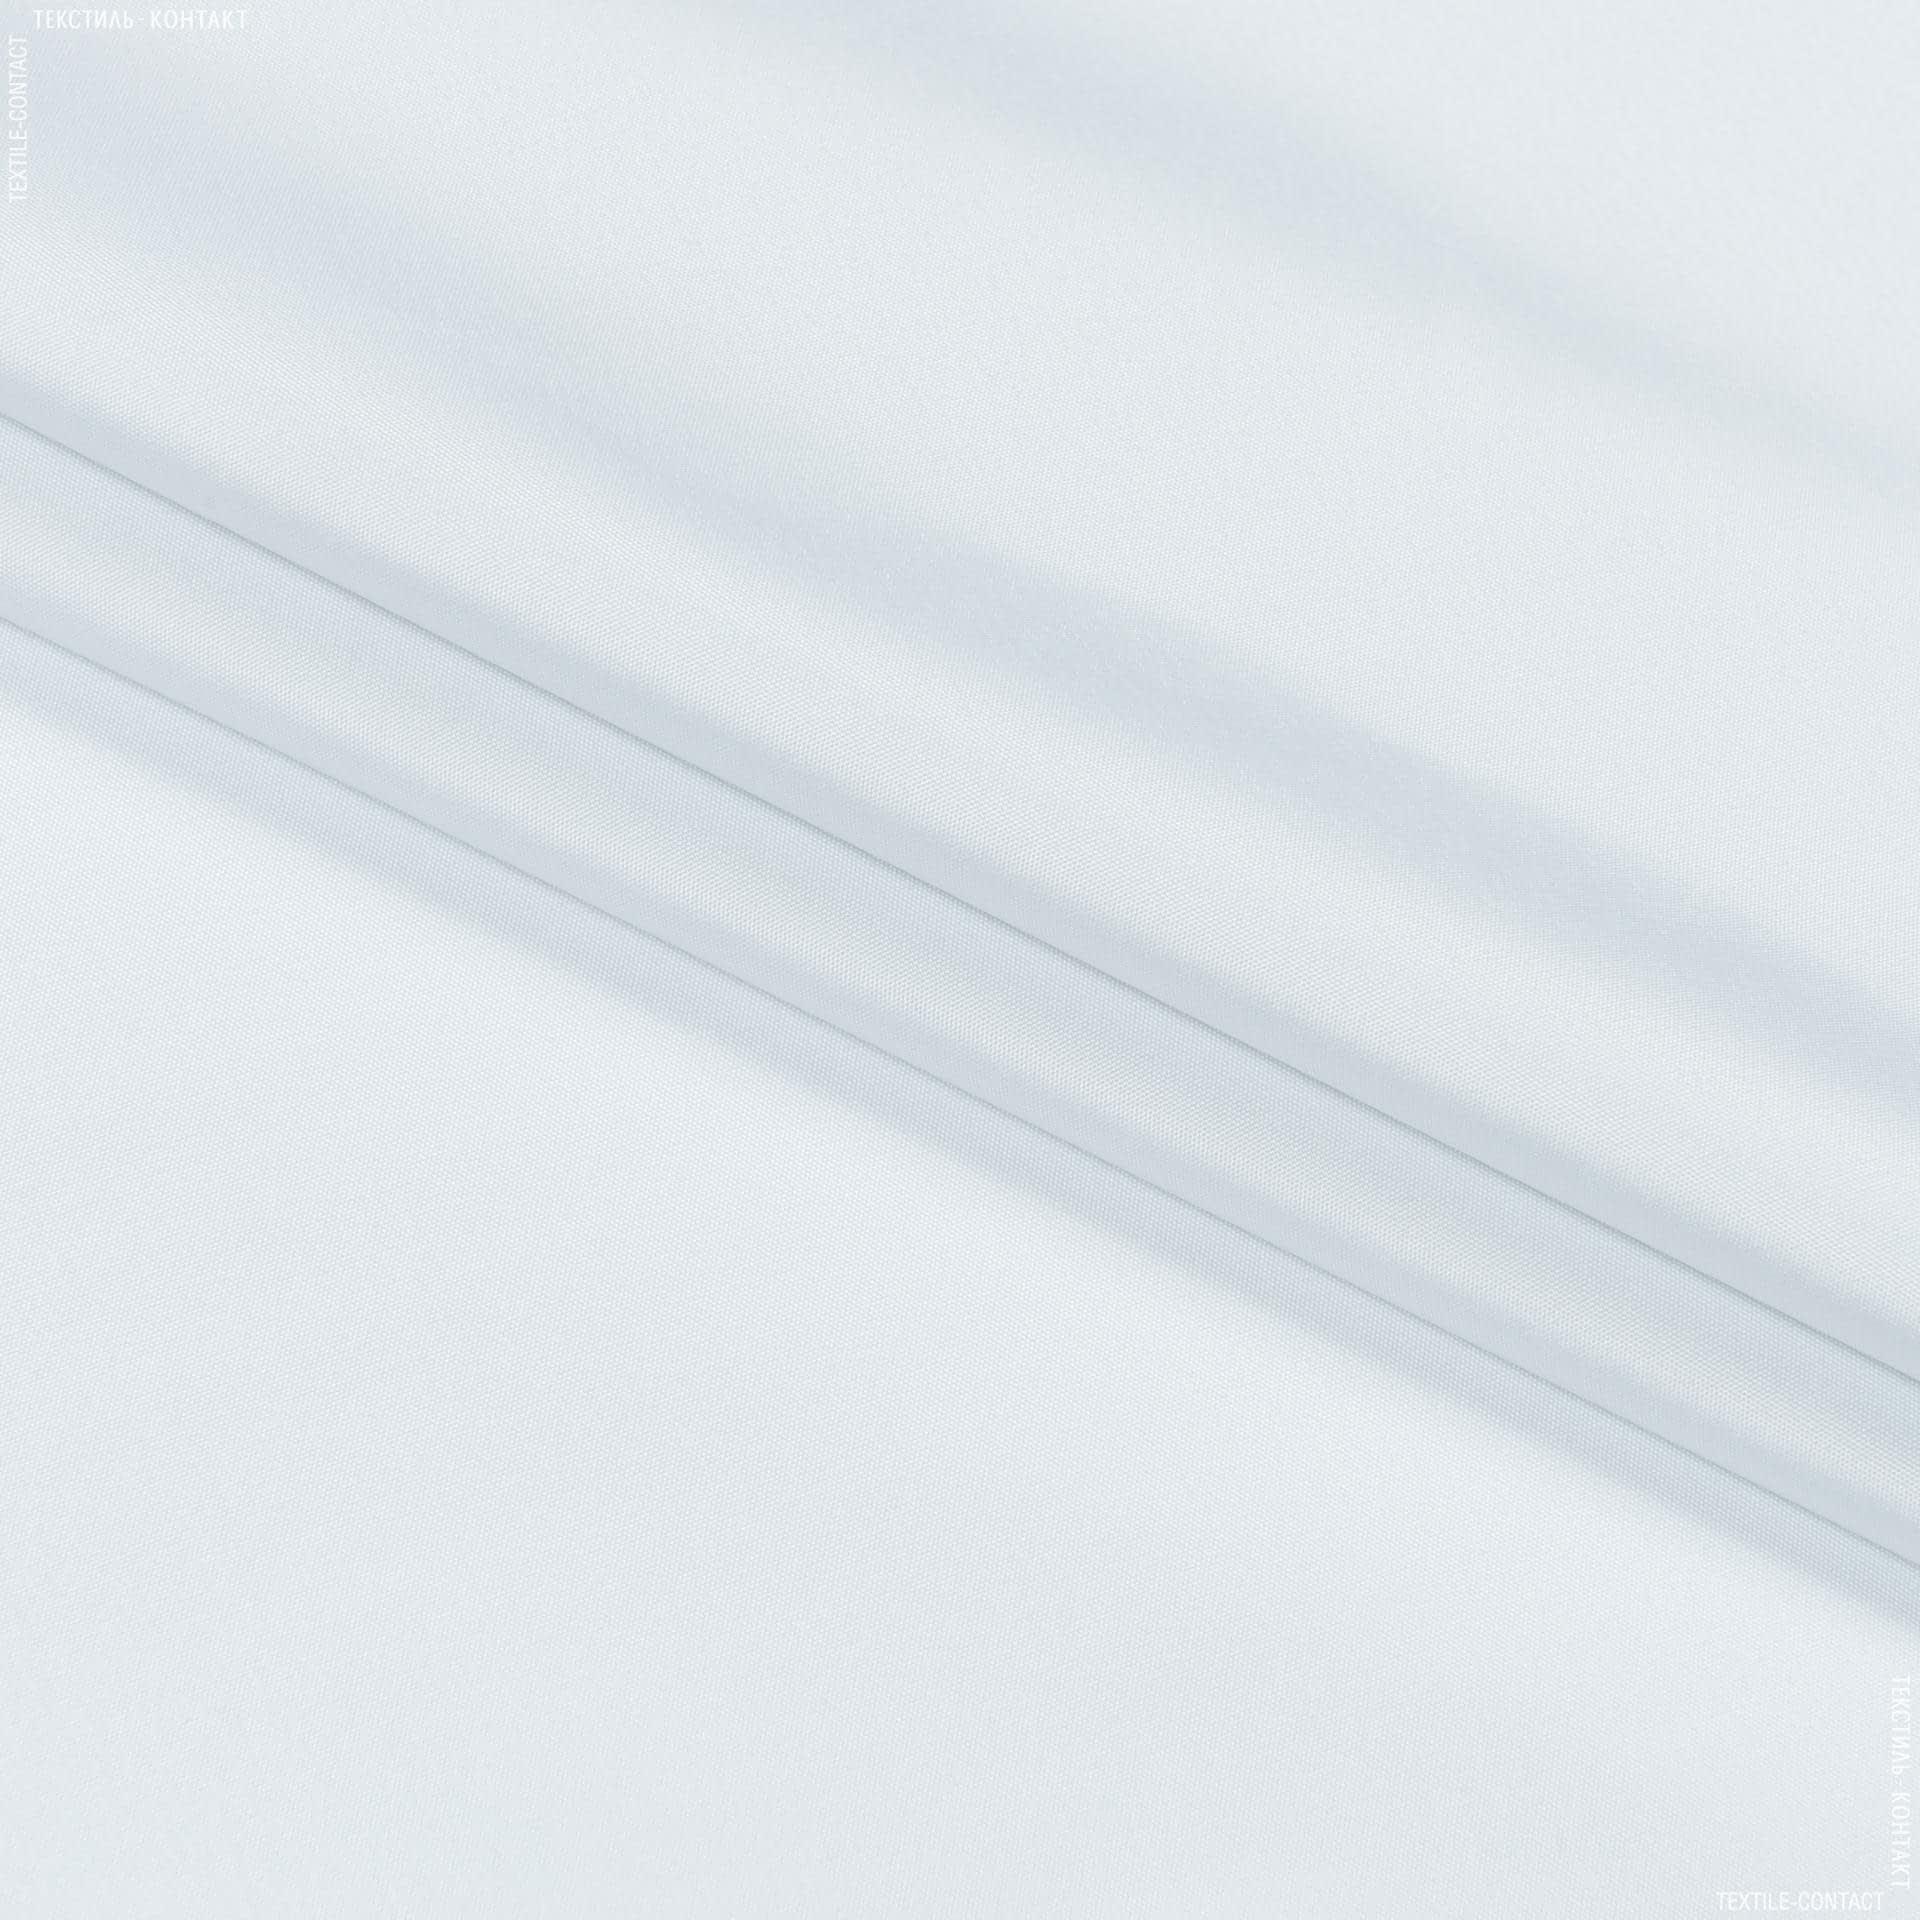 Ткани портьерные ткани - Блекаут огнеупорный  / night 4pass blackout жемчужный